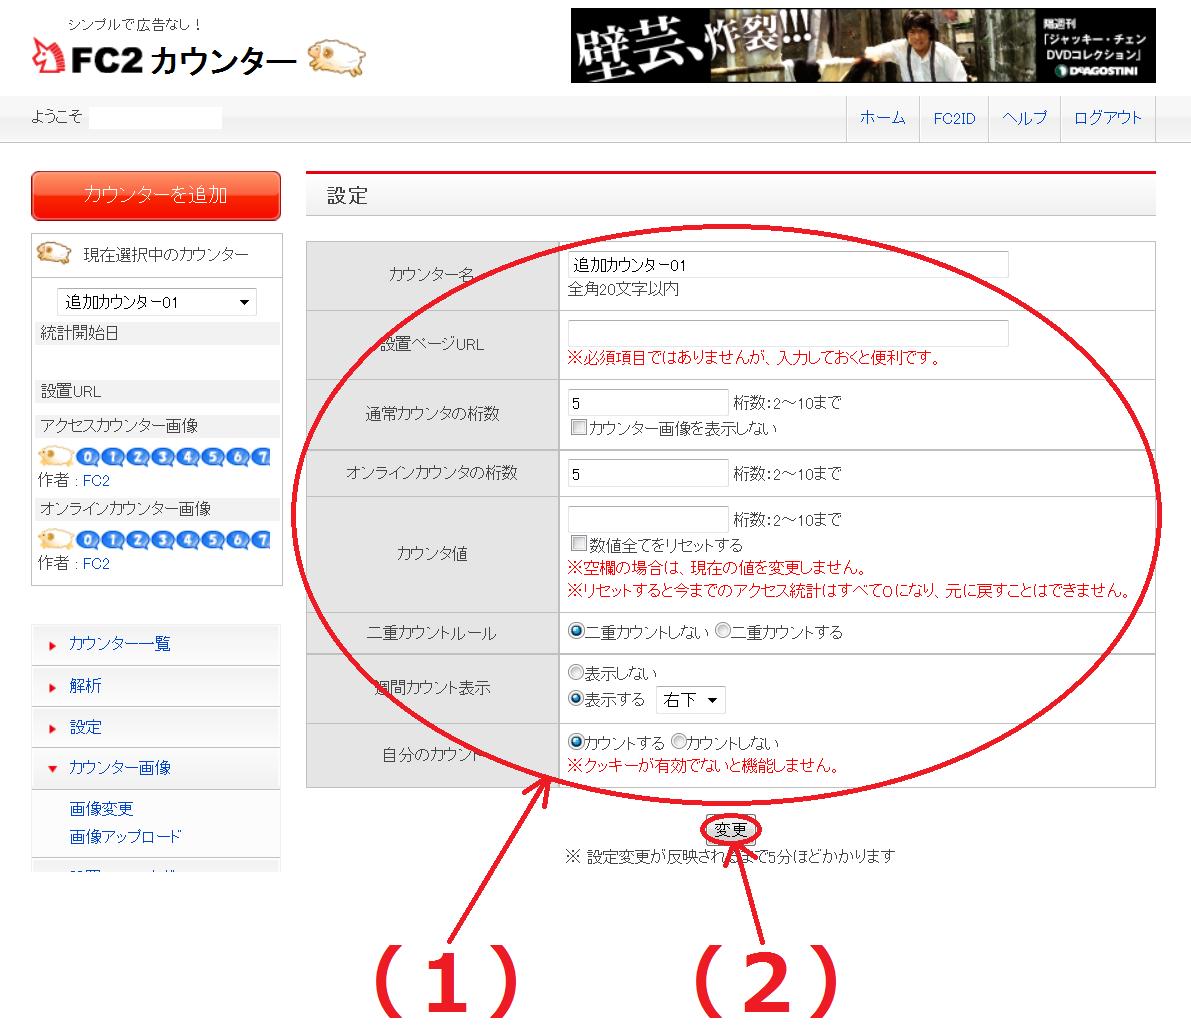 FC2ブログのアクセス数を知る方法(自分のブログのアクセス数を確認する方法)0-1